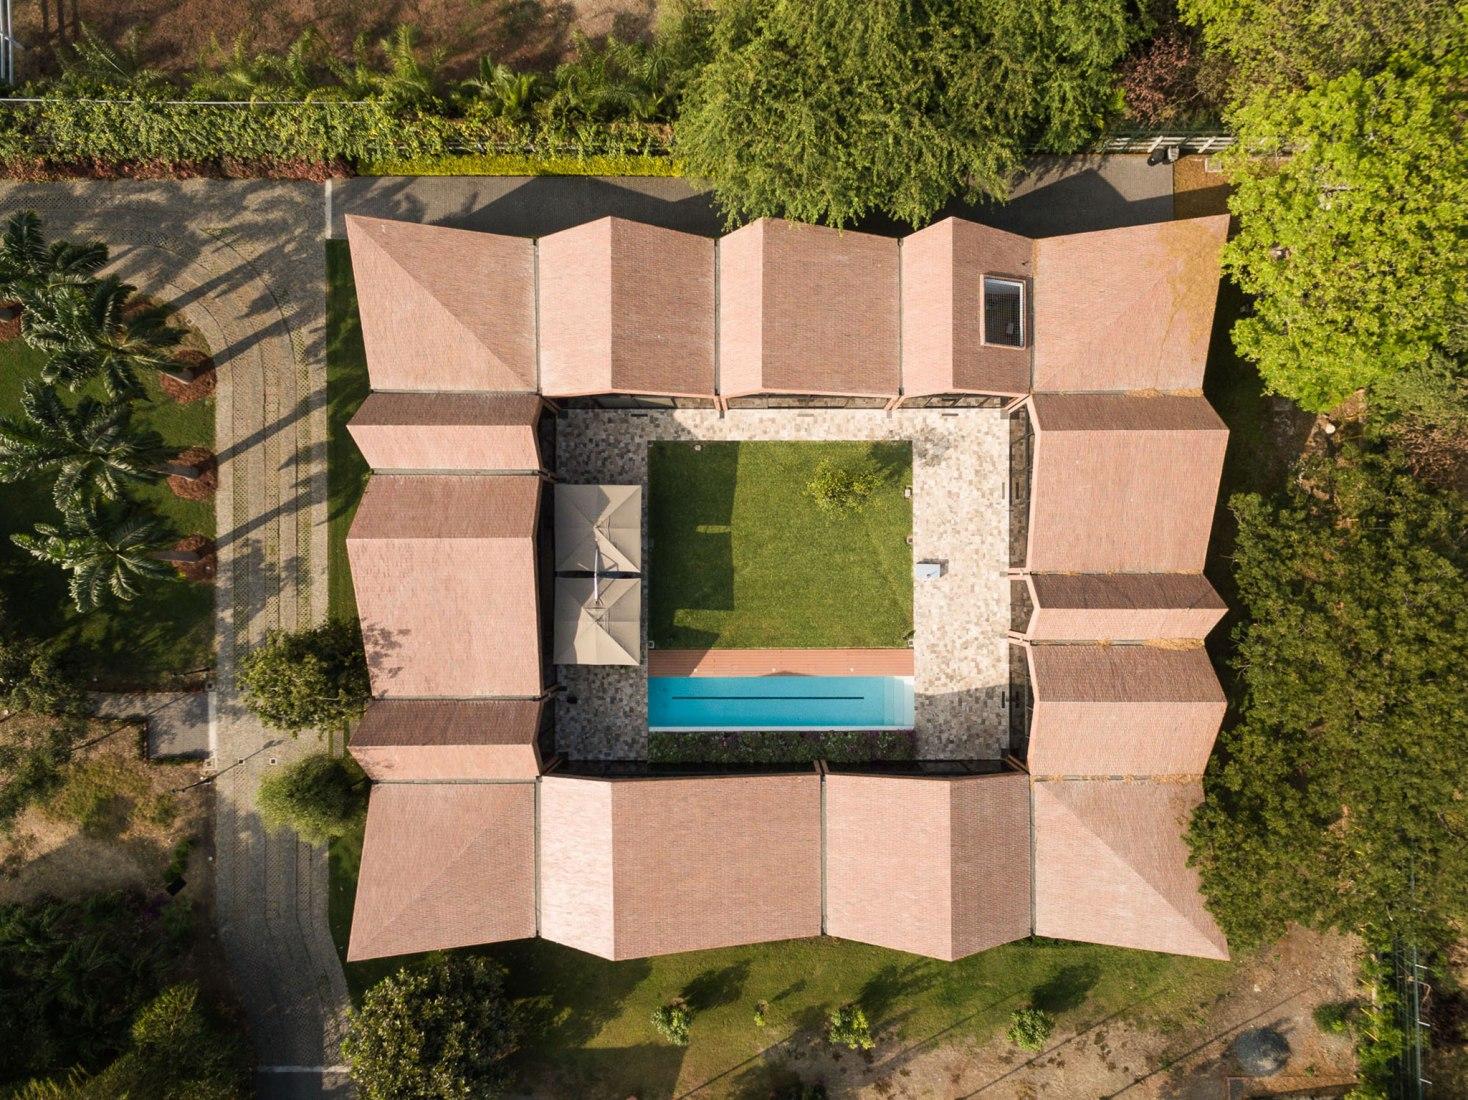 El Cortijo House by Felipe Assadi Arquitectos. Photograph by Fernando Alda.